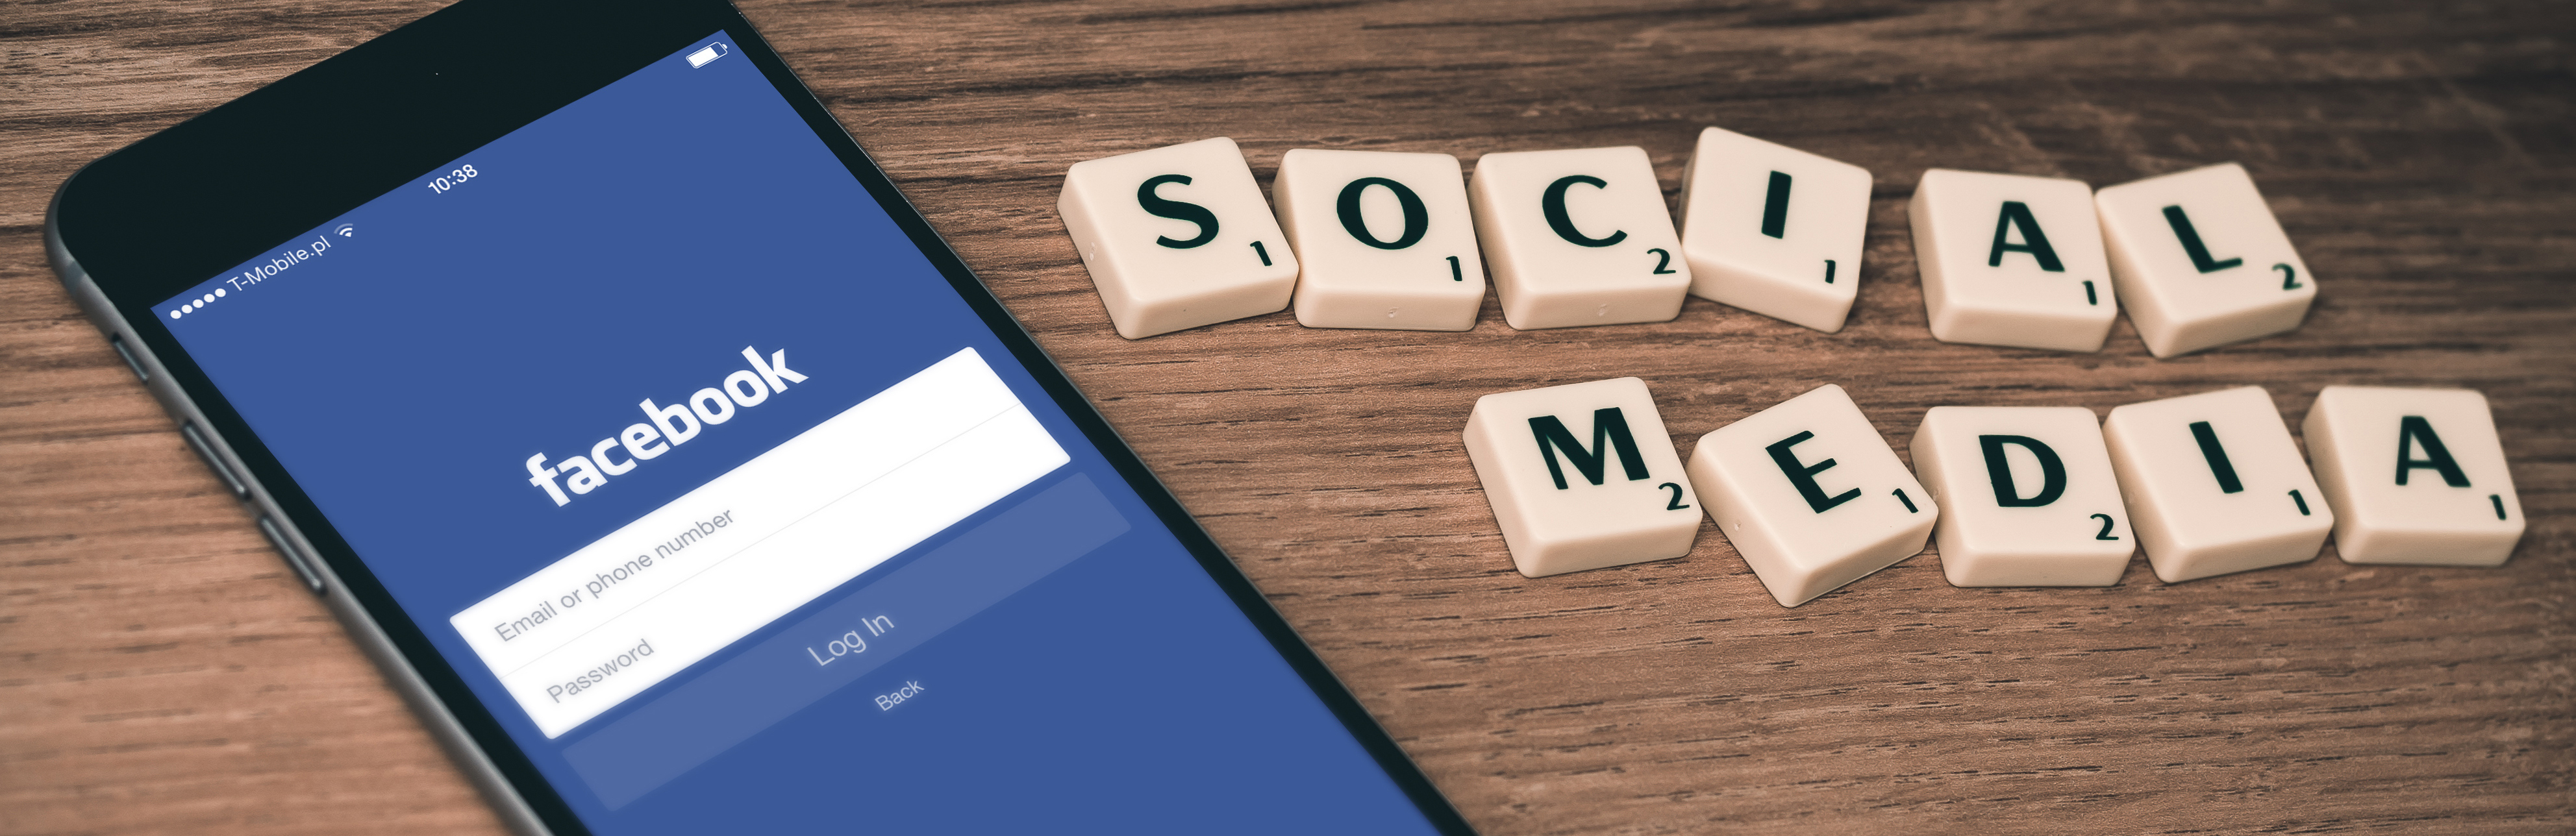 marketing_techniques_Social Media